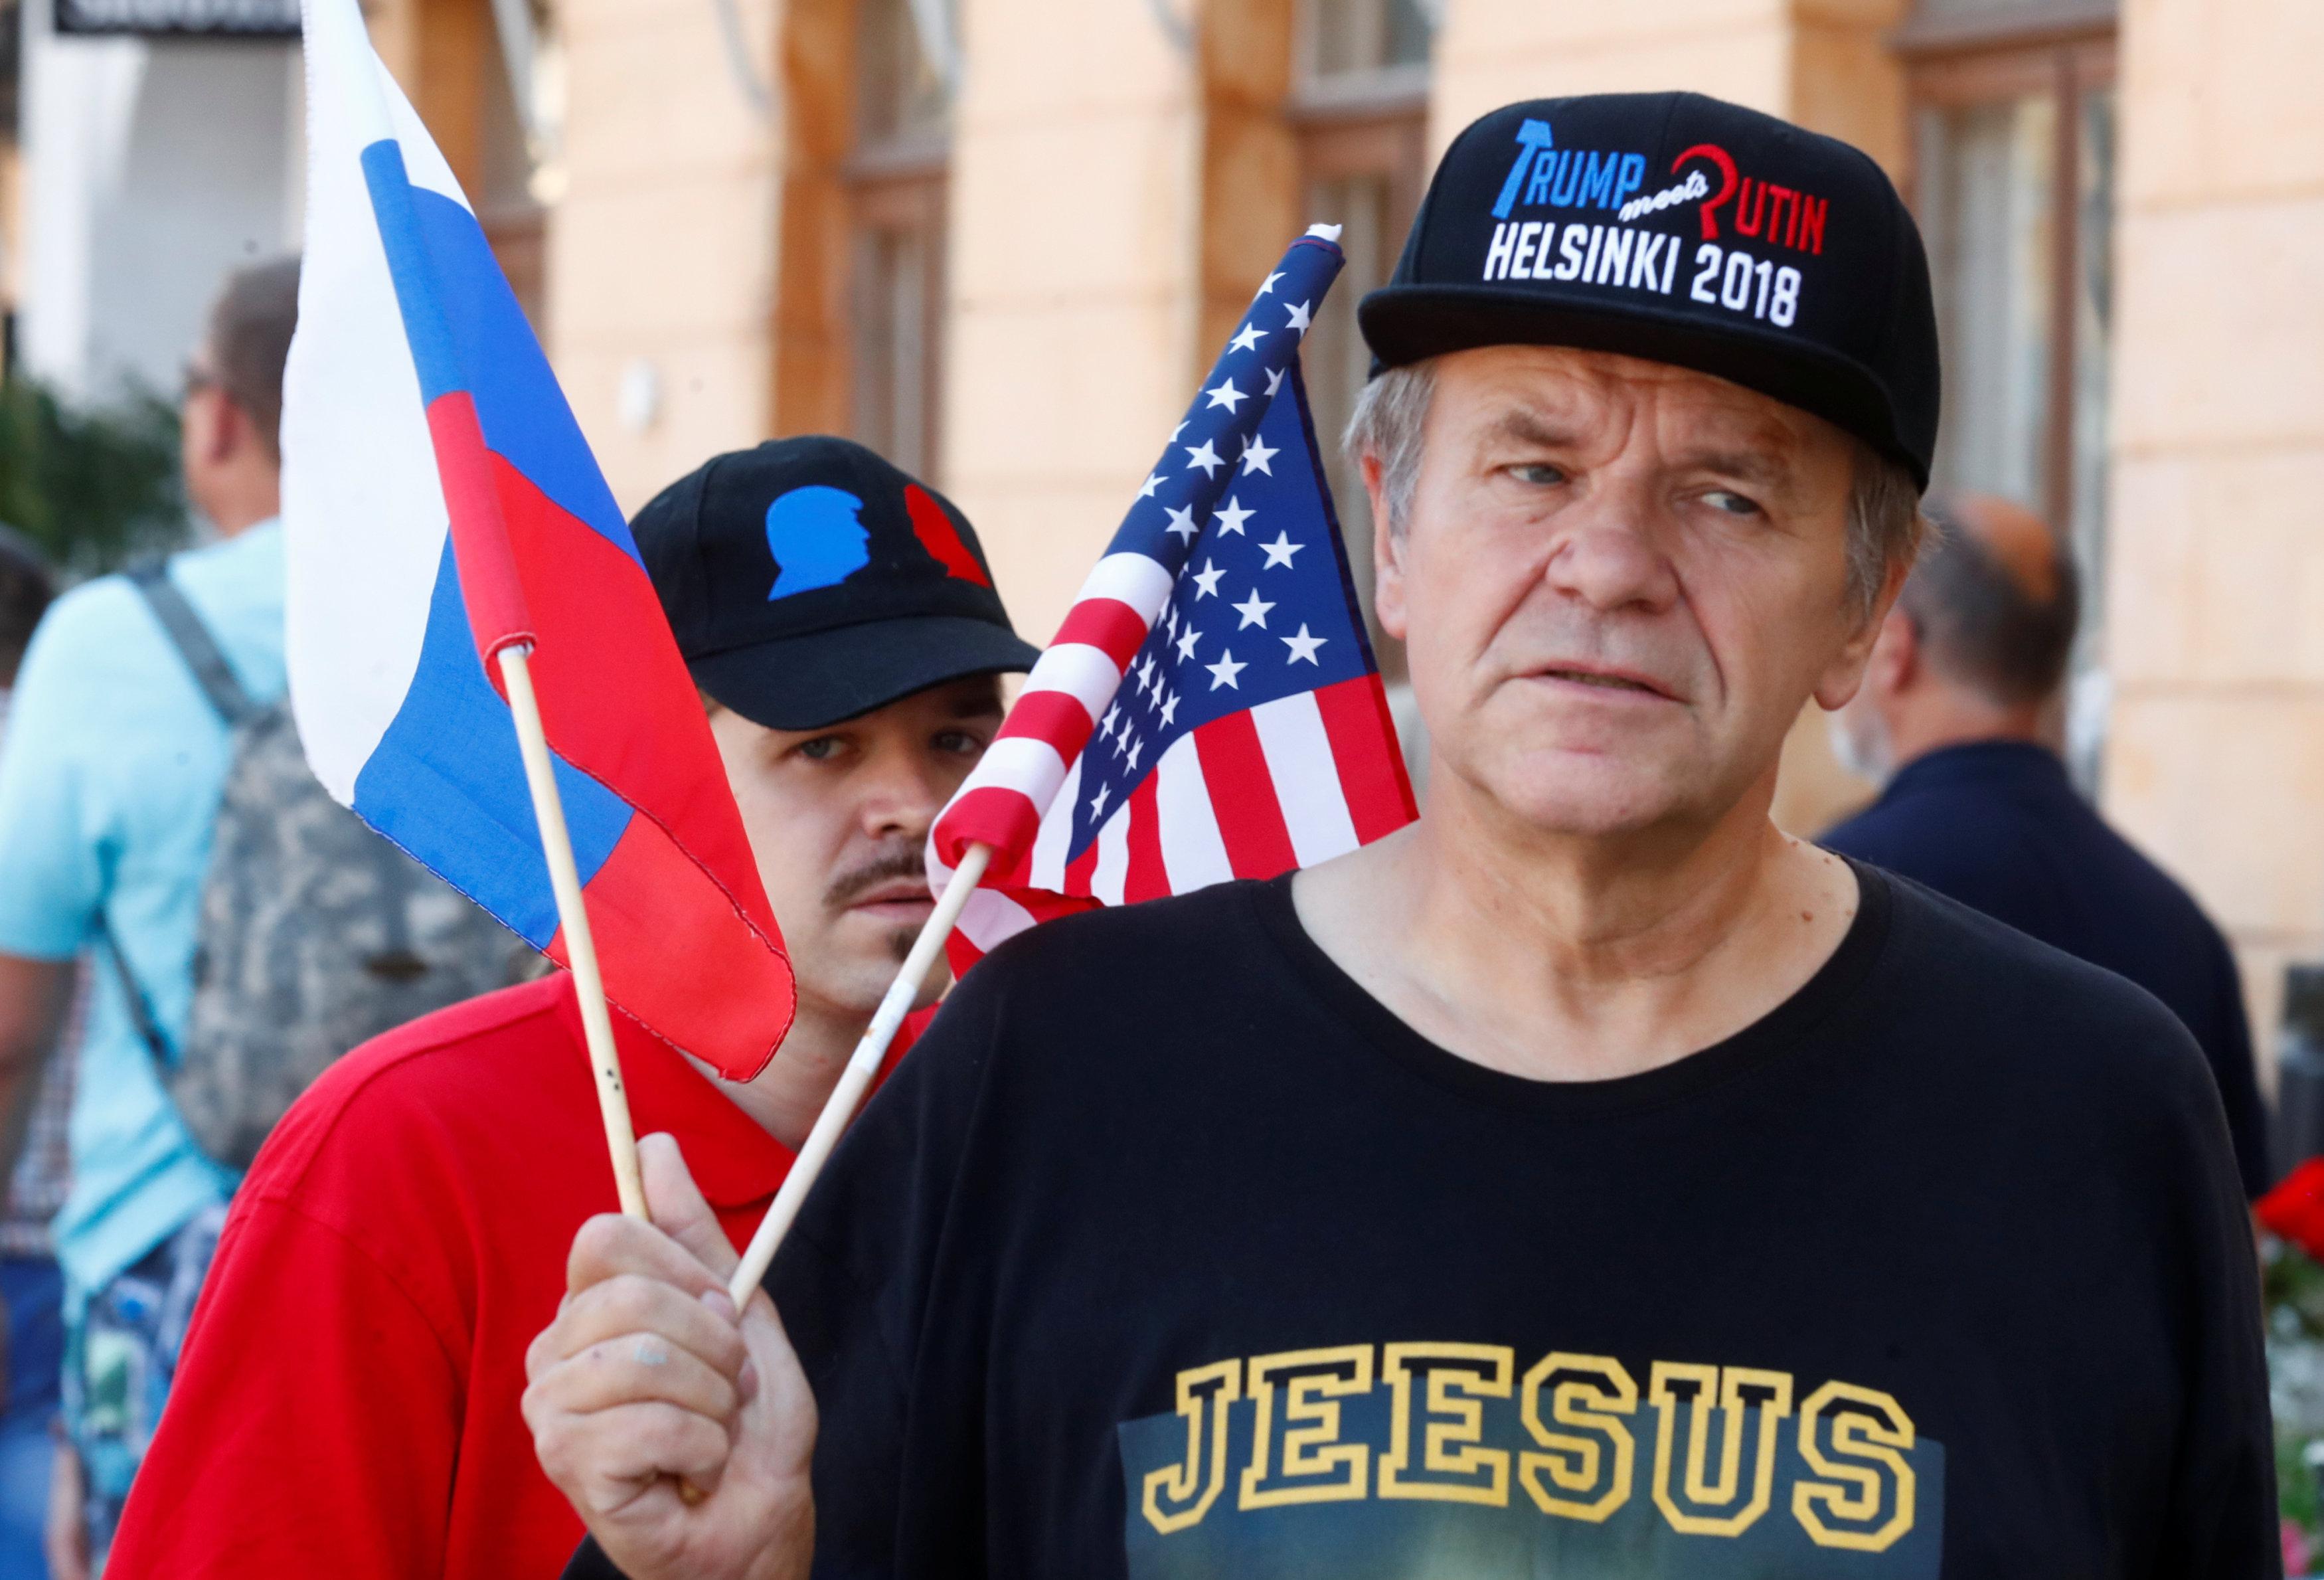 La tranquila Helsinki se vio agitada por el movimiento de las comitivas, los simpatizantes y los opositores